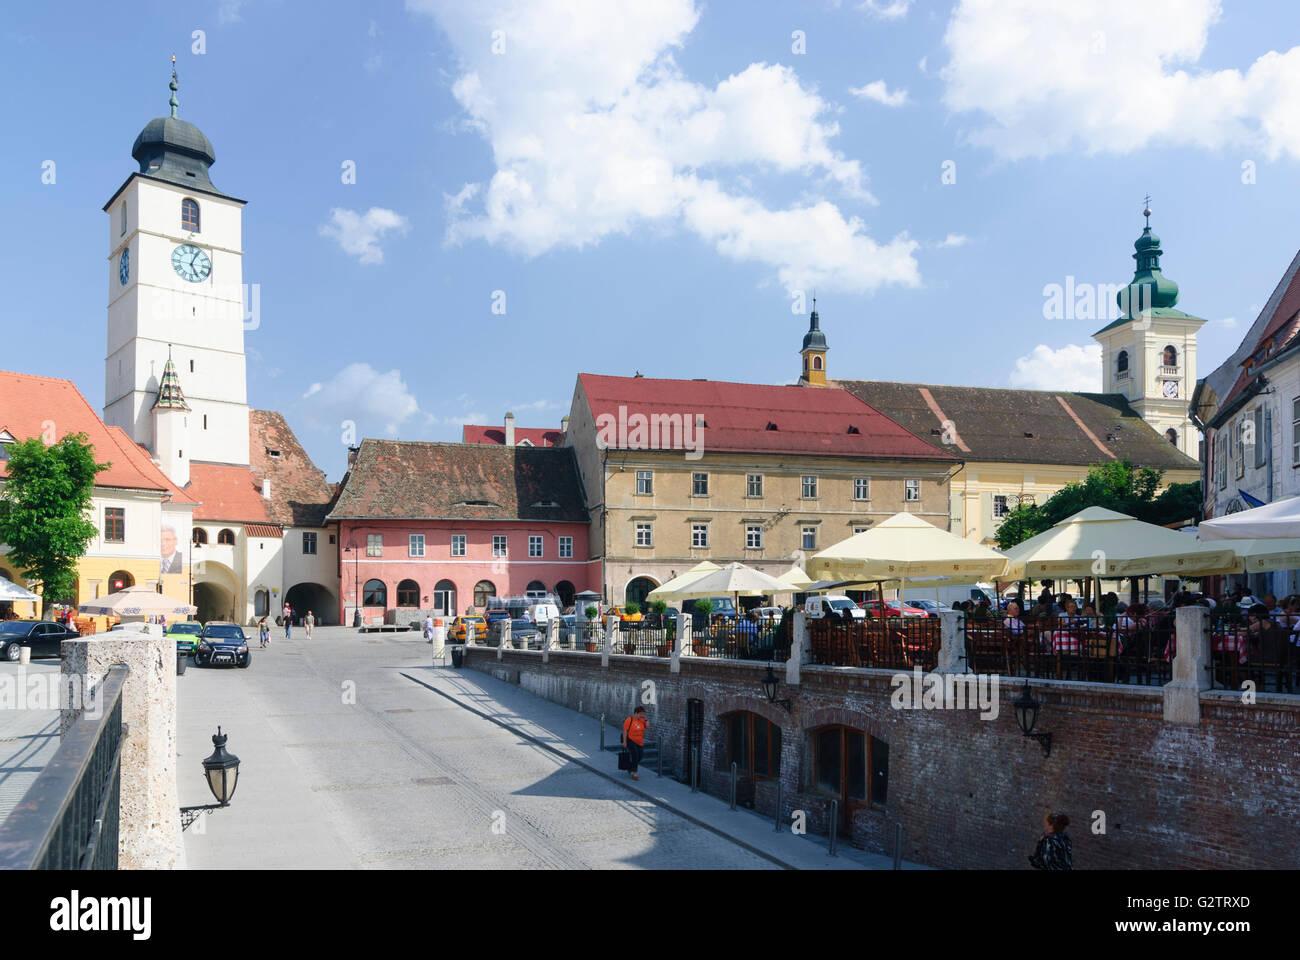 Piata Mica ( Small Square ) with Council tower ( left), Romania, Transilvania, Transylvania, Siebenbürgen Sibiu - Stock Image